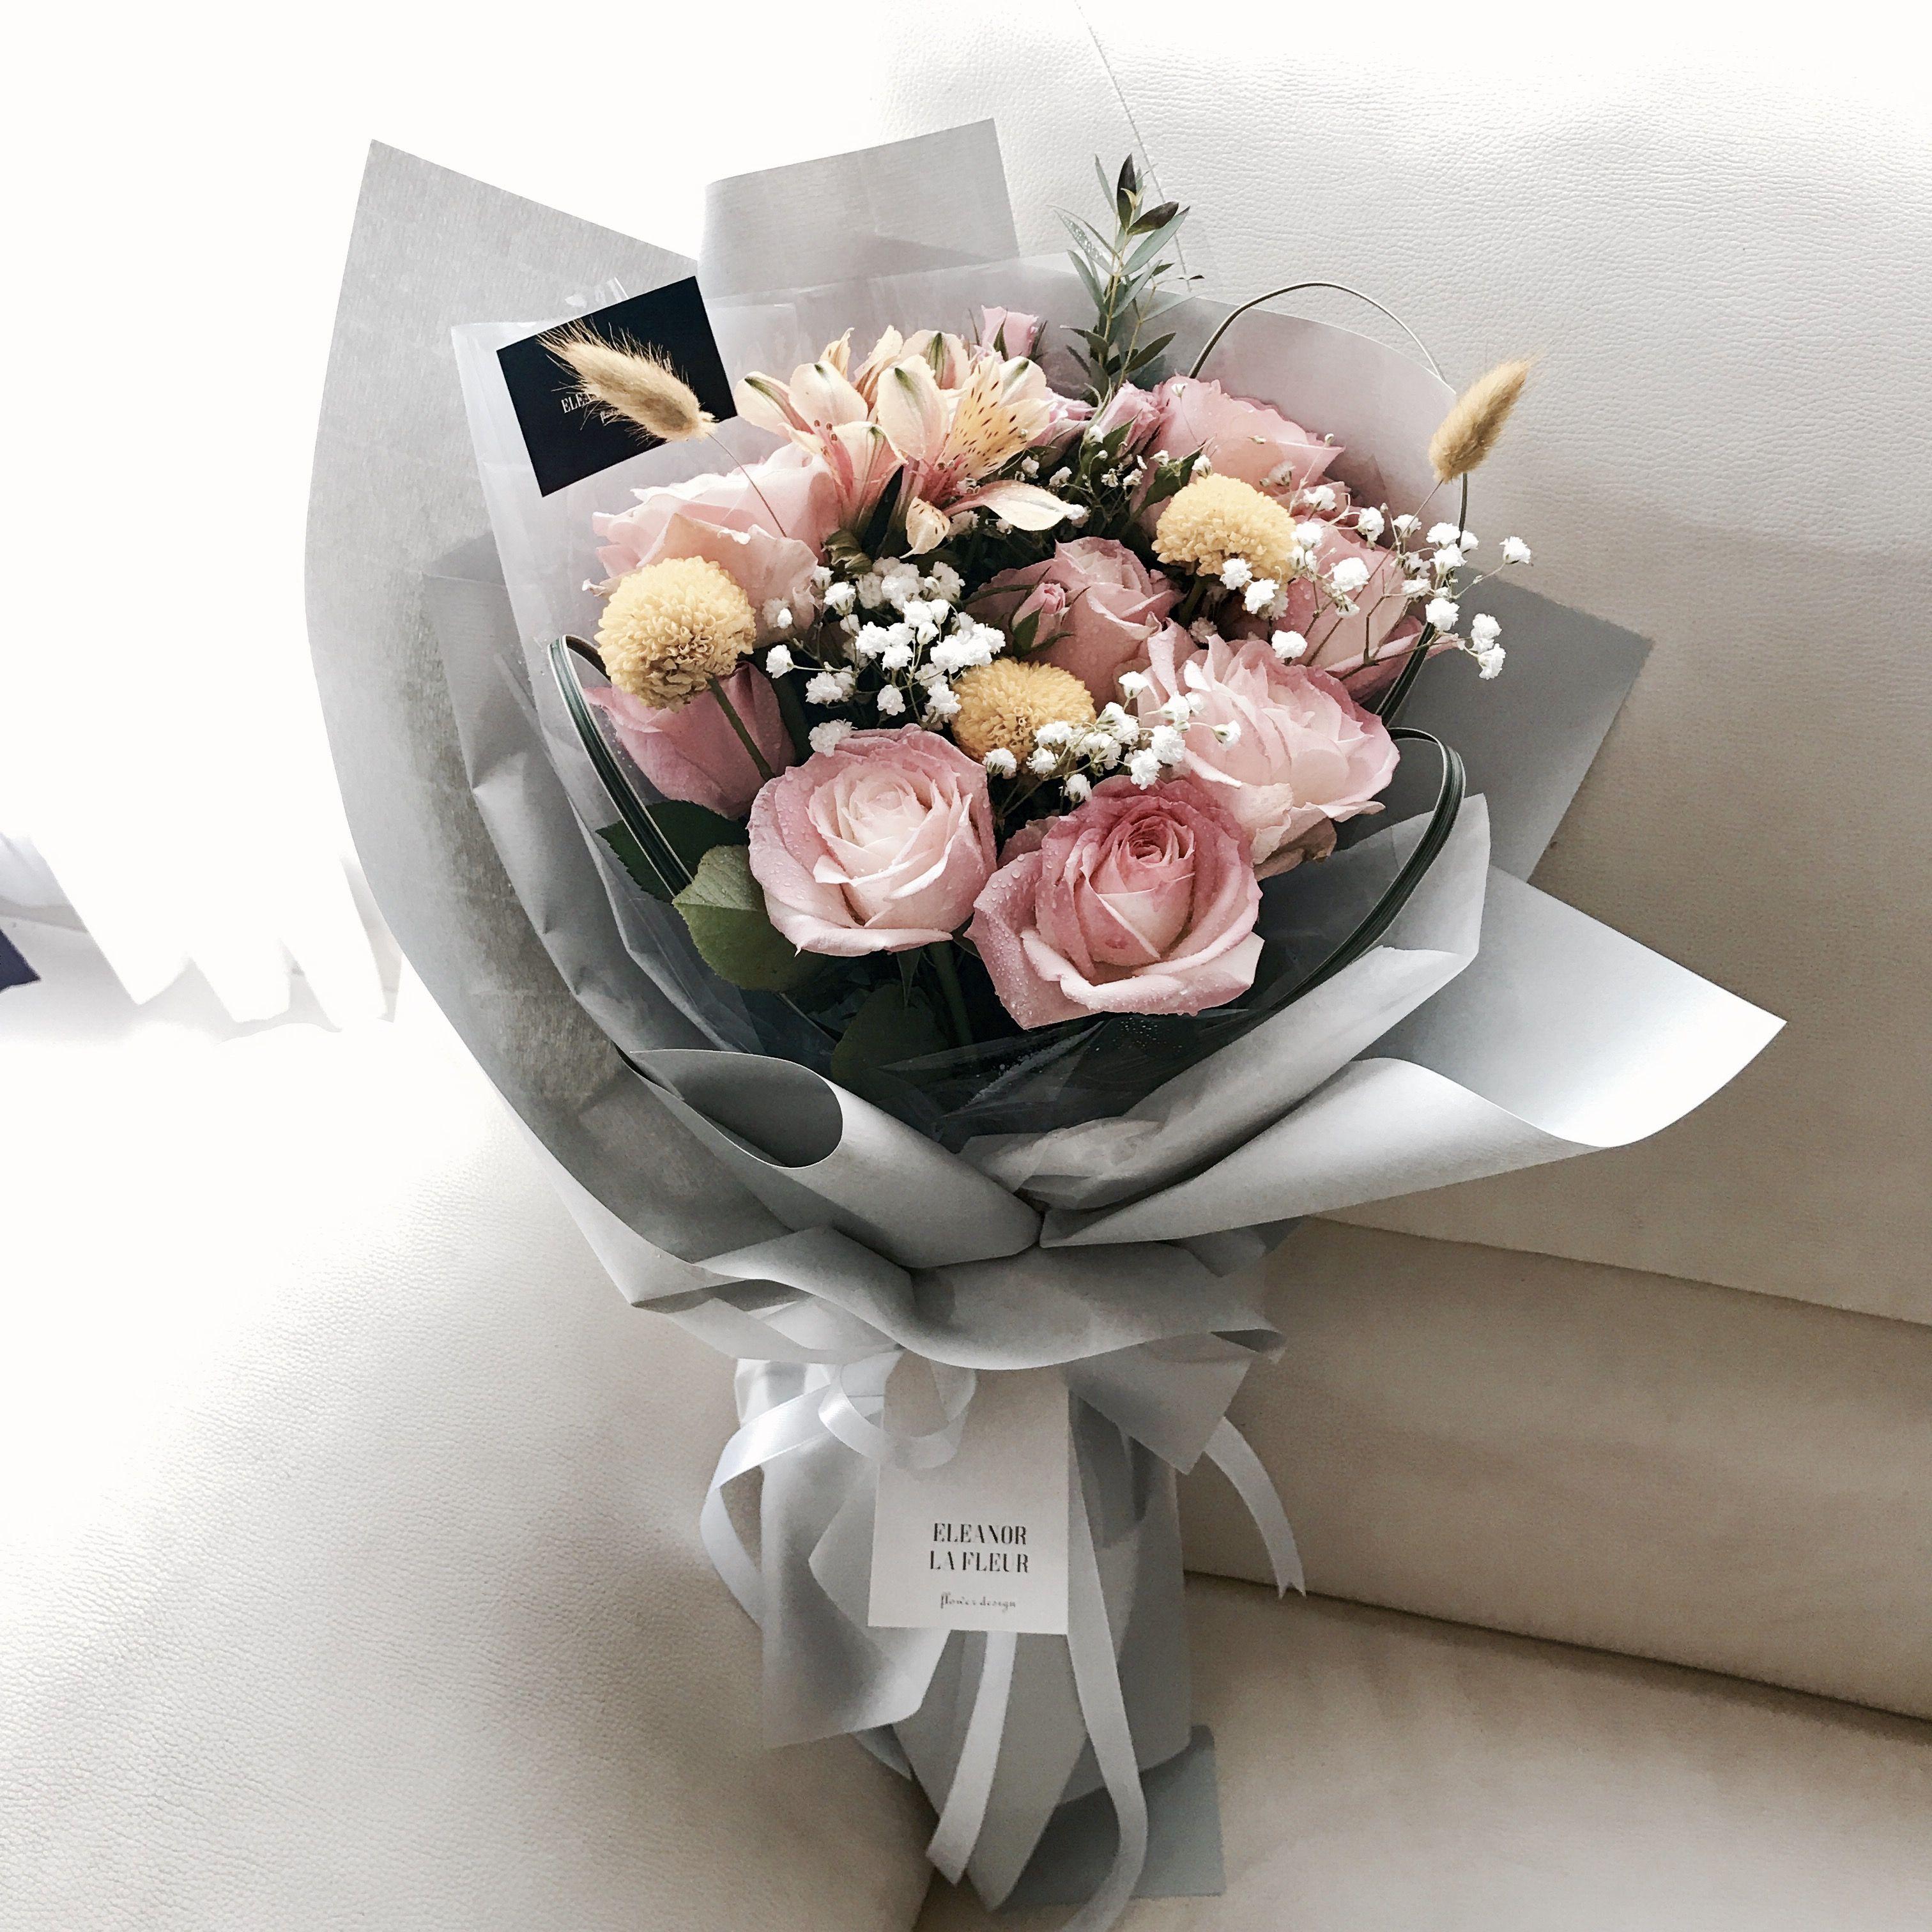 Pin by eleanor la on Korean flower bouquet   Pinterest   Flower bouquets